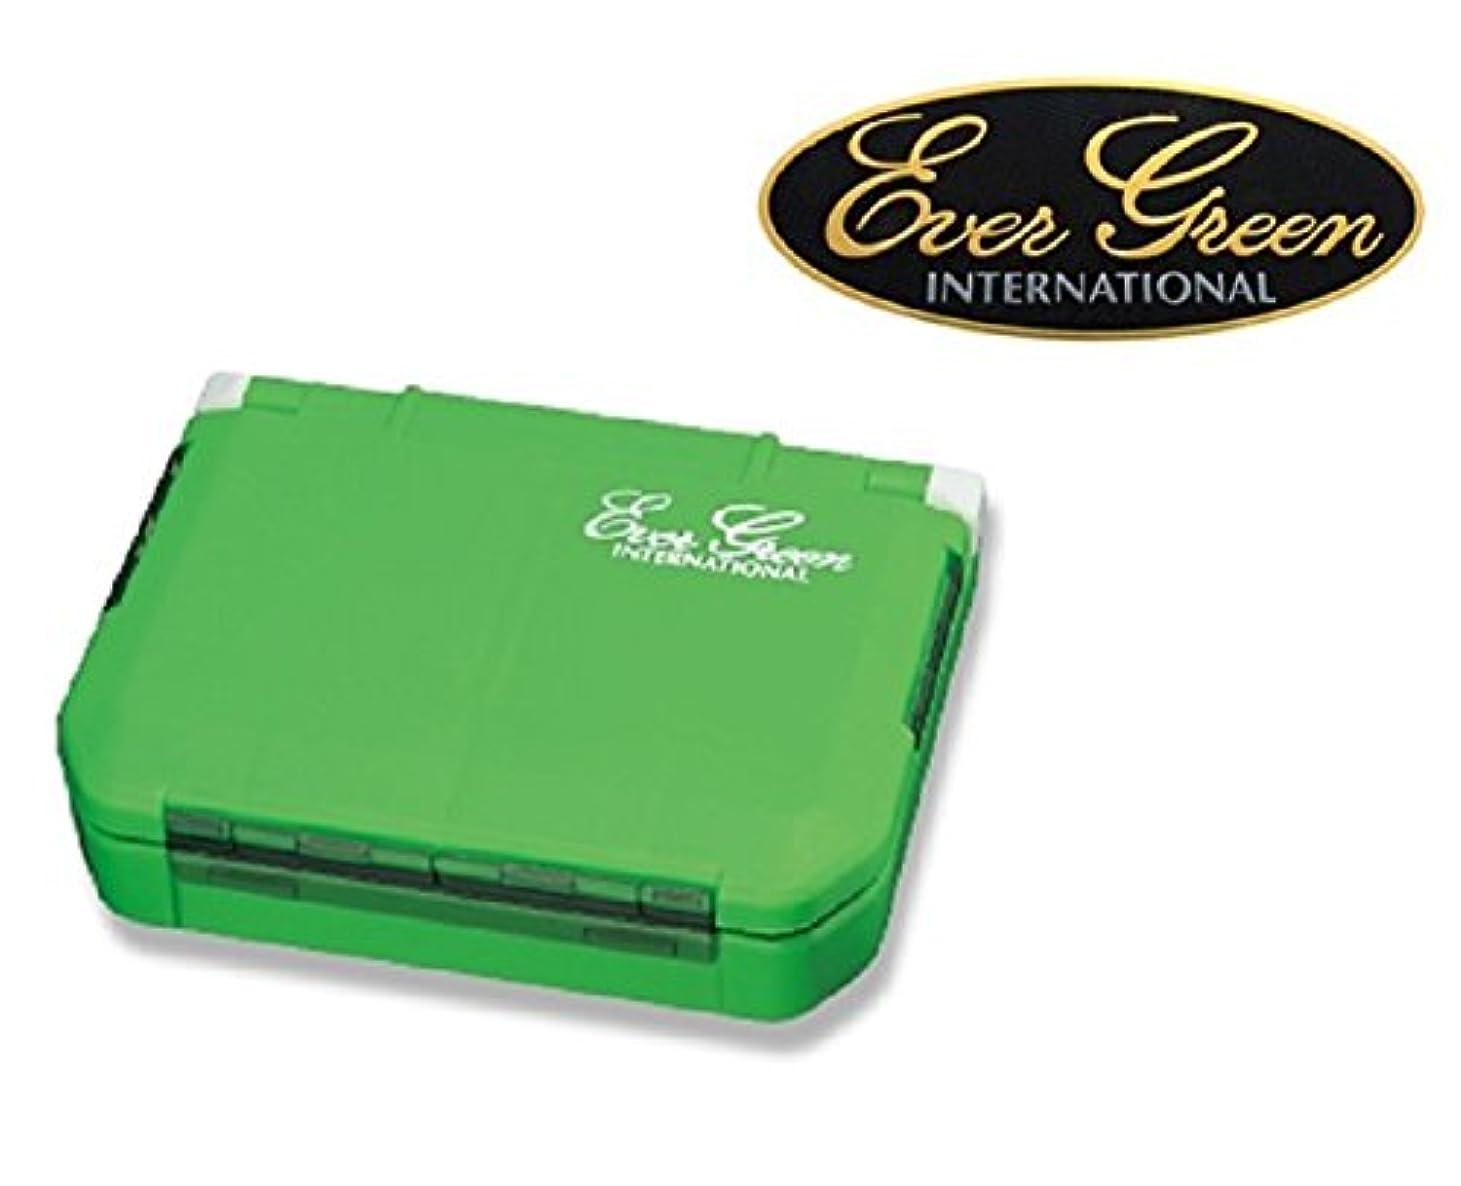 和らげる限界ジャンプエバーグリーン(Ever Green) EGハンディボックス タイプ2 グリーン 084873